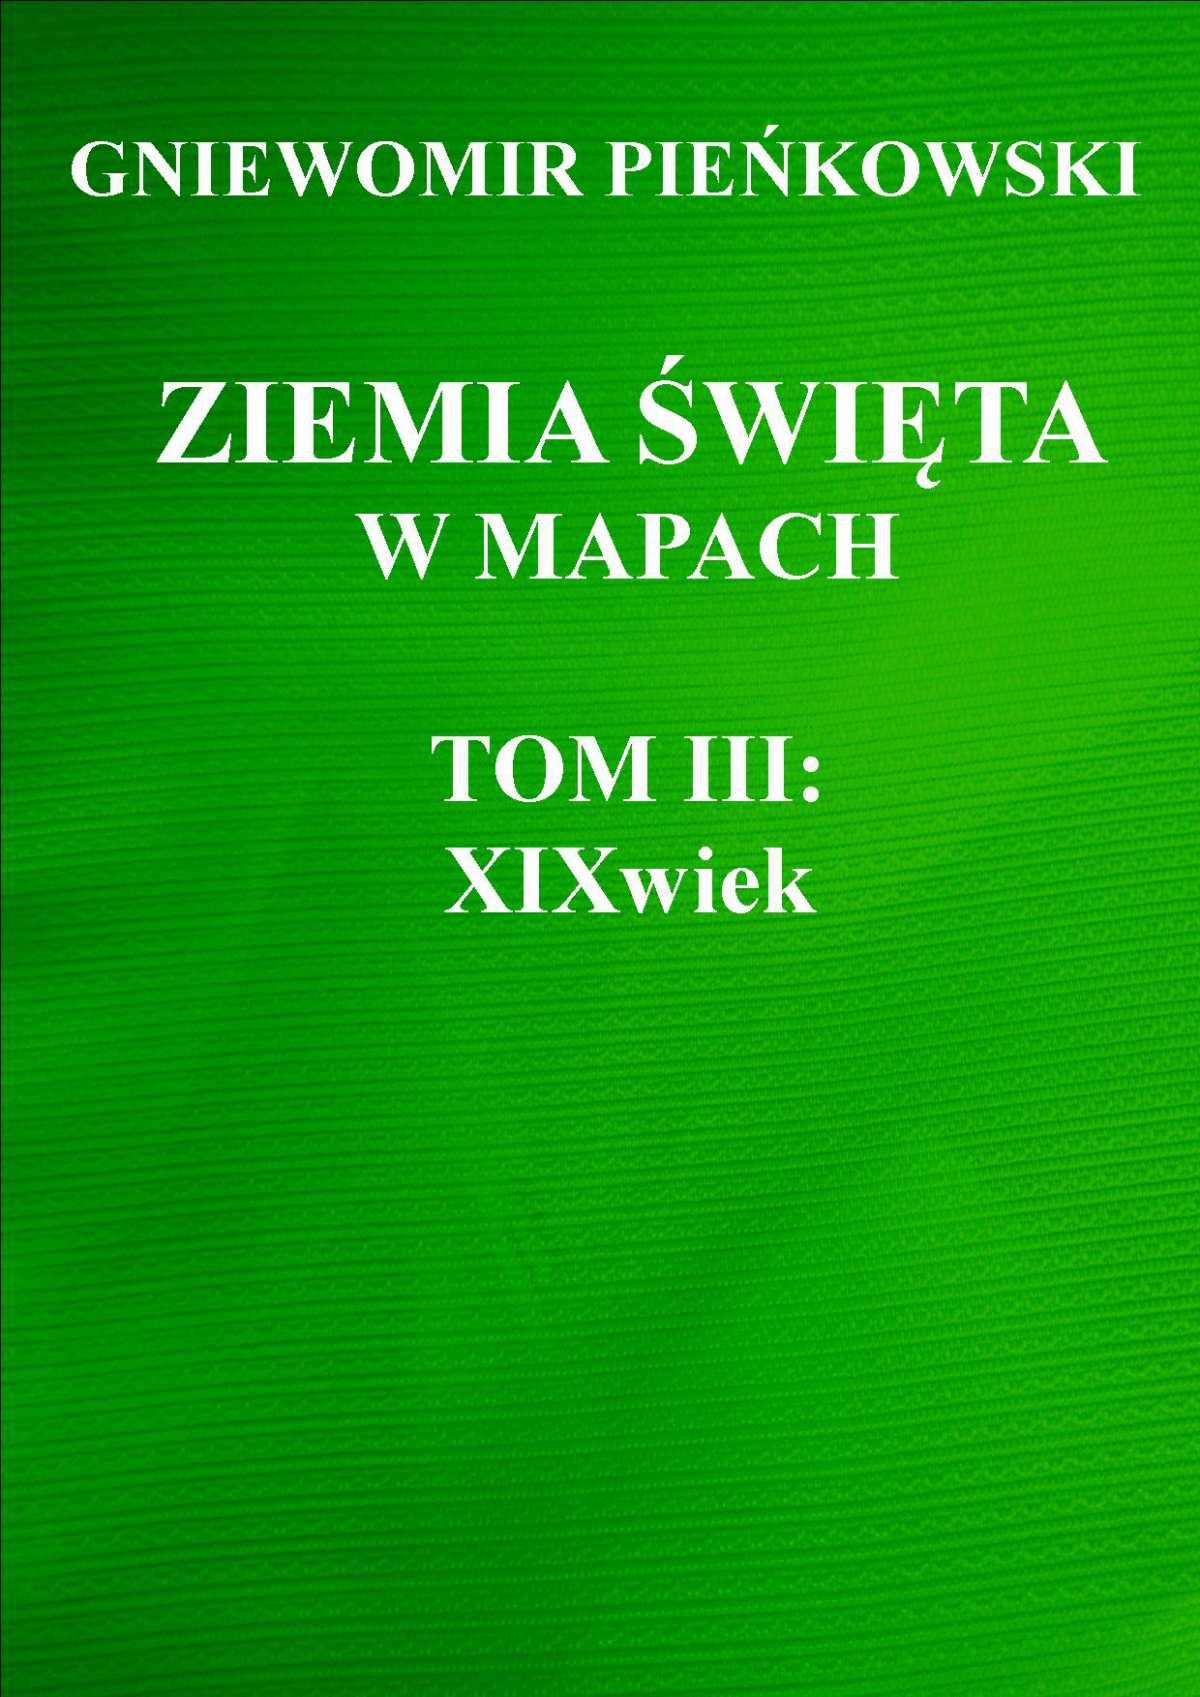 Ziemia Święta w mapach. Tom III: XIX wiek - Ebook (Książka PDF) do pobrania w formacie PDF